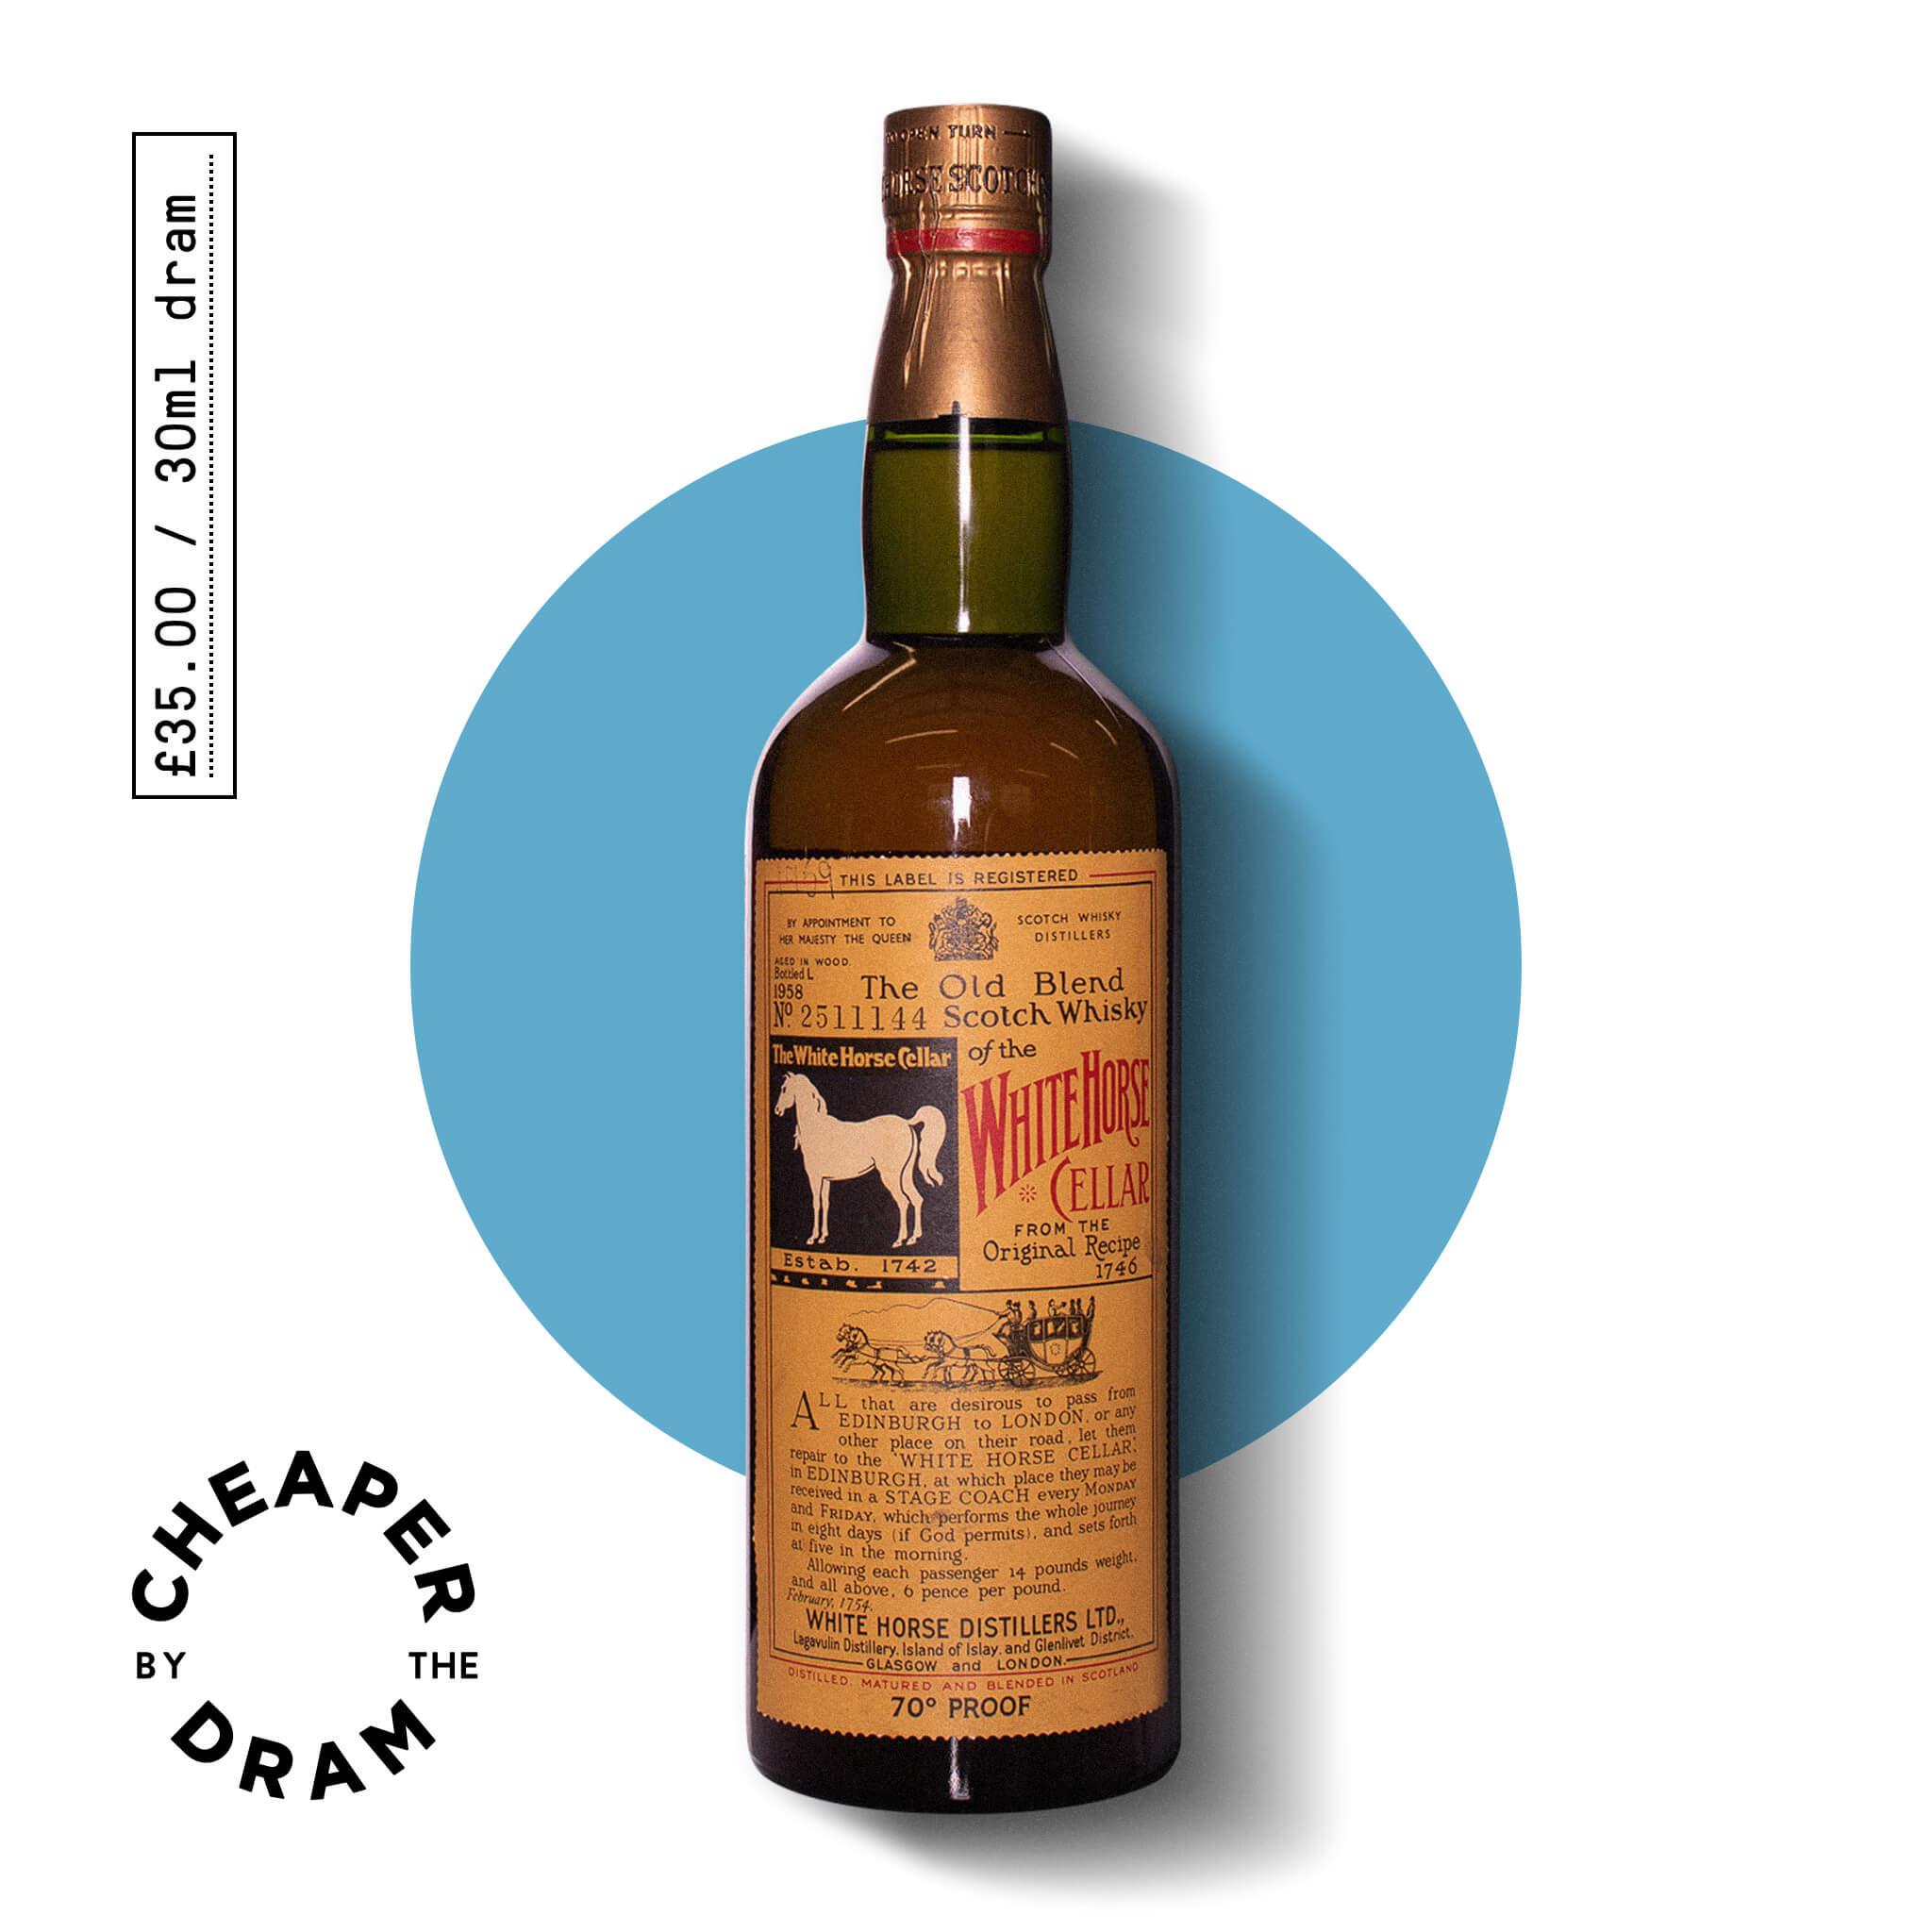 A bottle of CBTD NO.08 White Horse Blended Whisky 1958